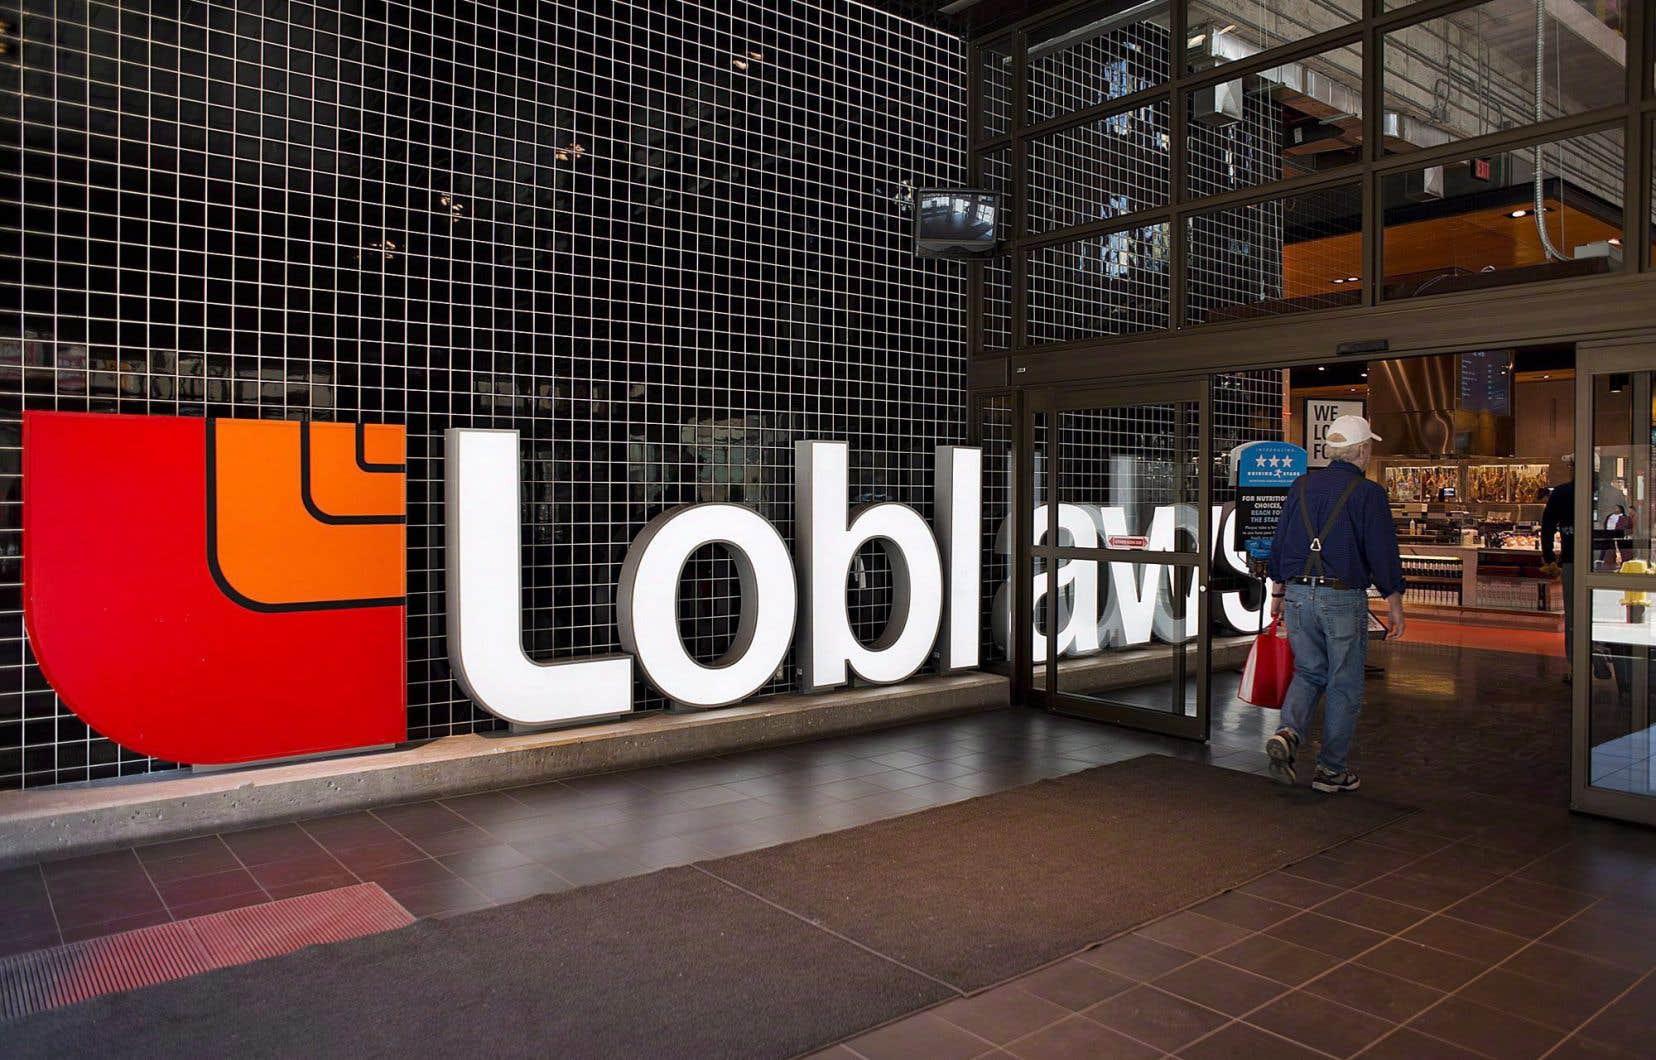 L'enquête civile cherchait à déterminer si Loblaw avait influencé les négociations de ses fournisseurs avec leurs autres clients en cherchant à obtenir une compensation lorsque d'autres détaillants vendaient leurs produits à des prix inférieurs.